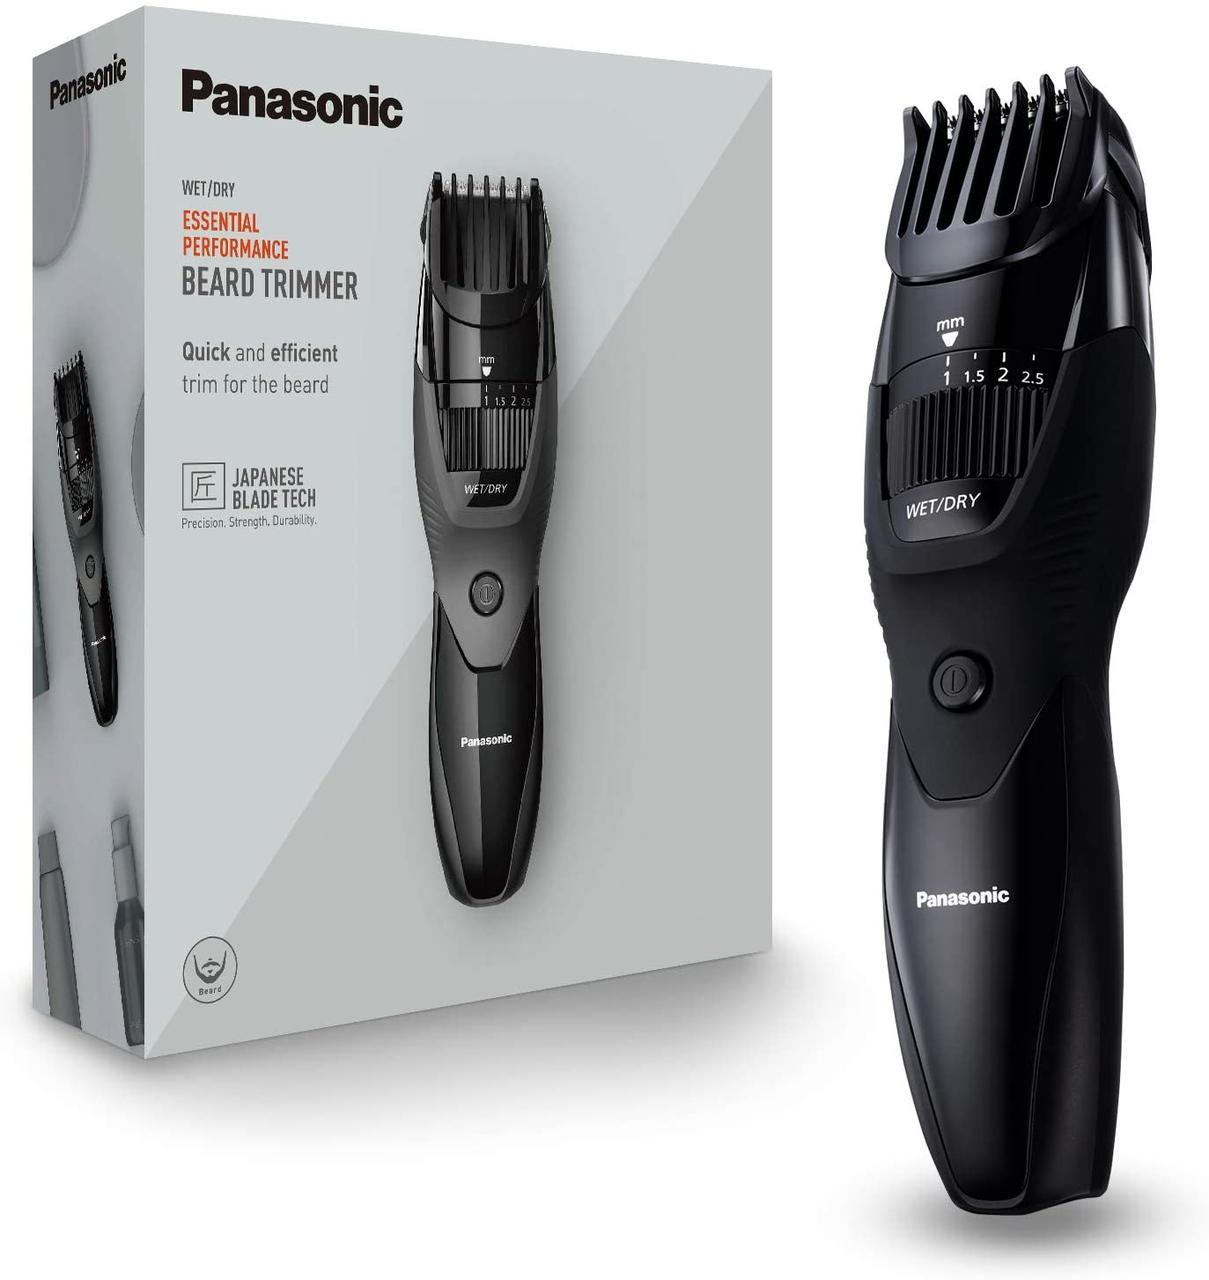 Тример Panasonic ER-GB43 з 19 налаштувань довжини (0,5-10 мм), включаючи зарядну станцію чорний